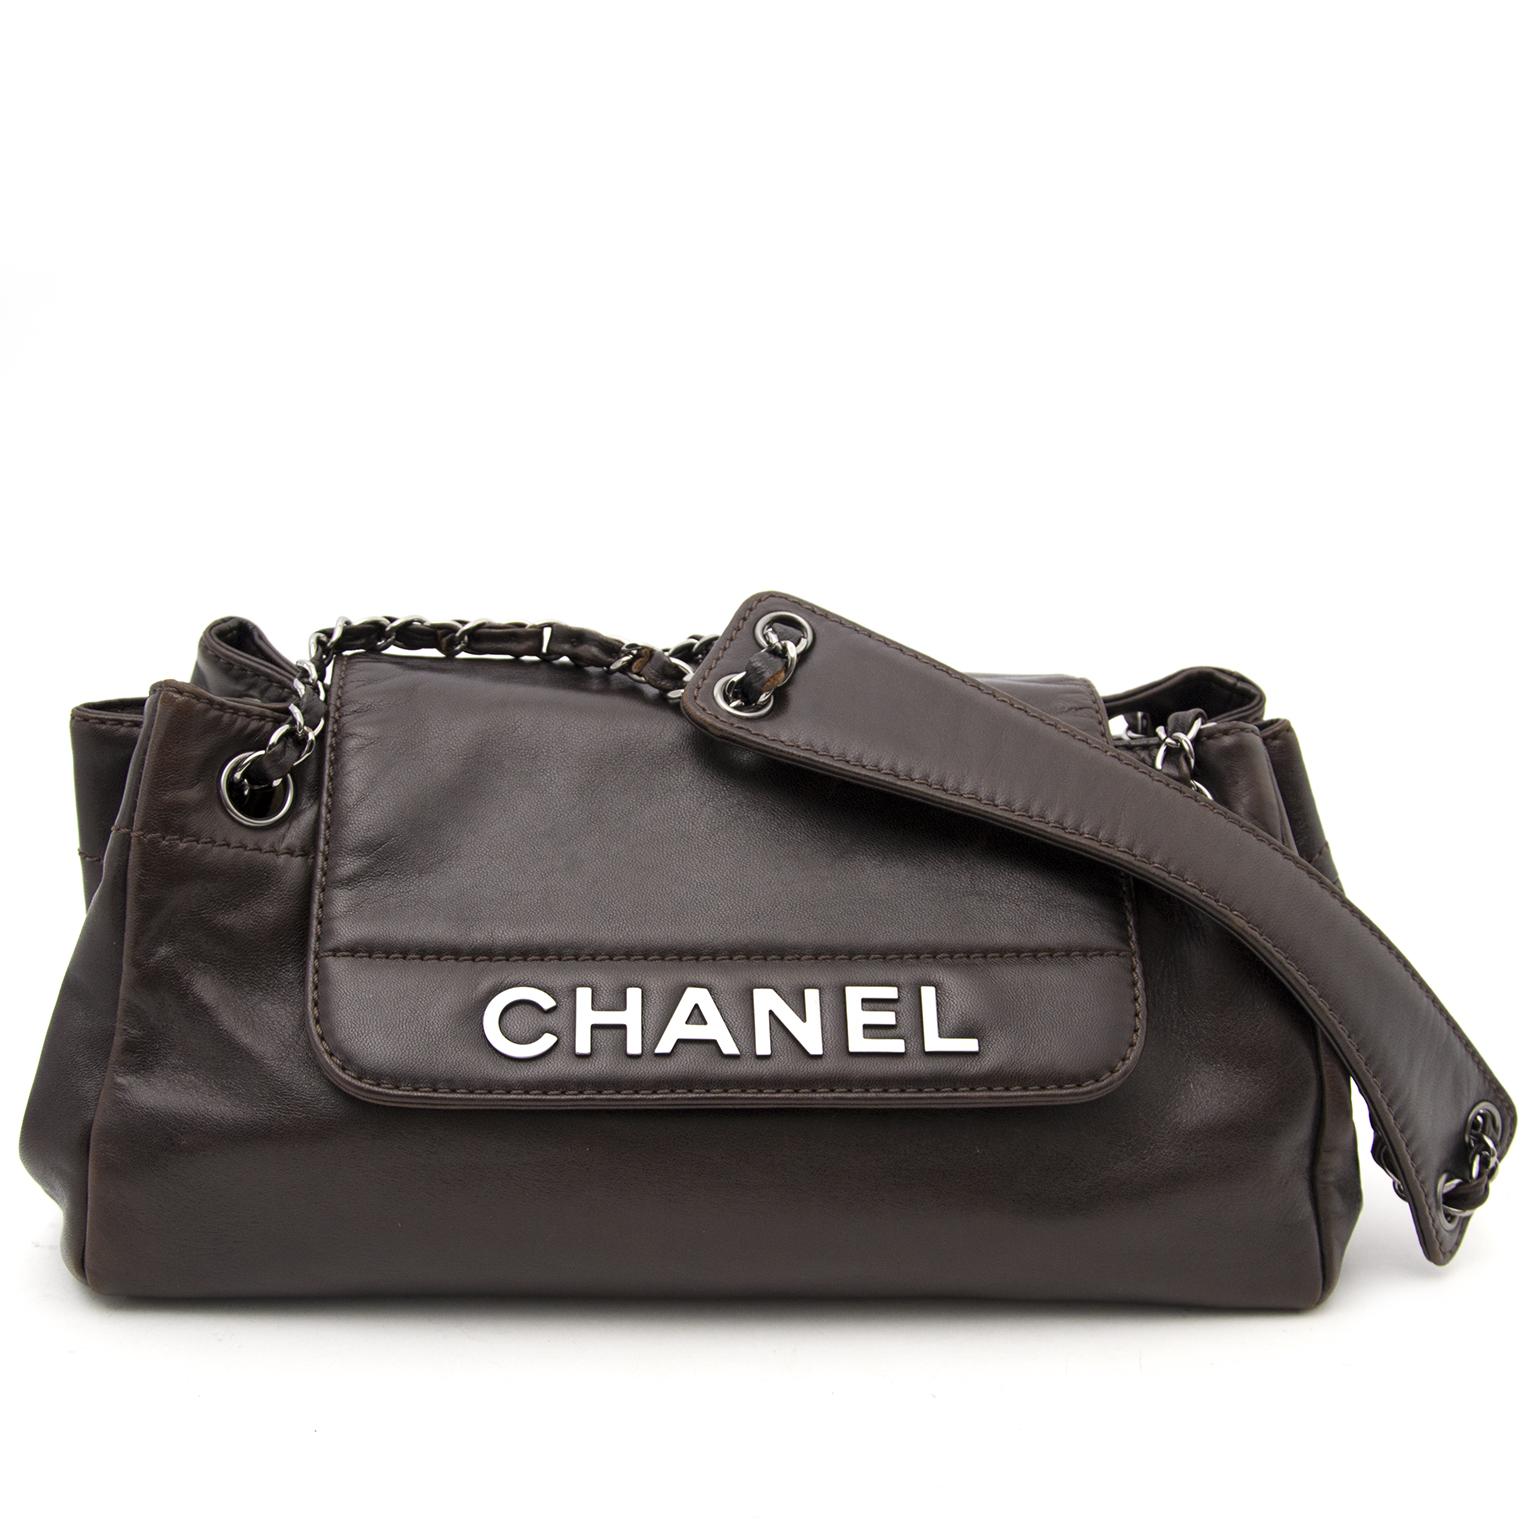 Koop nu een tweedehands Bruine Chanel schouder tas nu veilig verkrijgbaar op www.labellov.com aan de beste prijs.